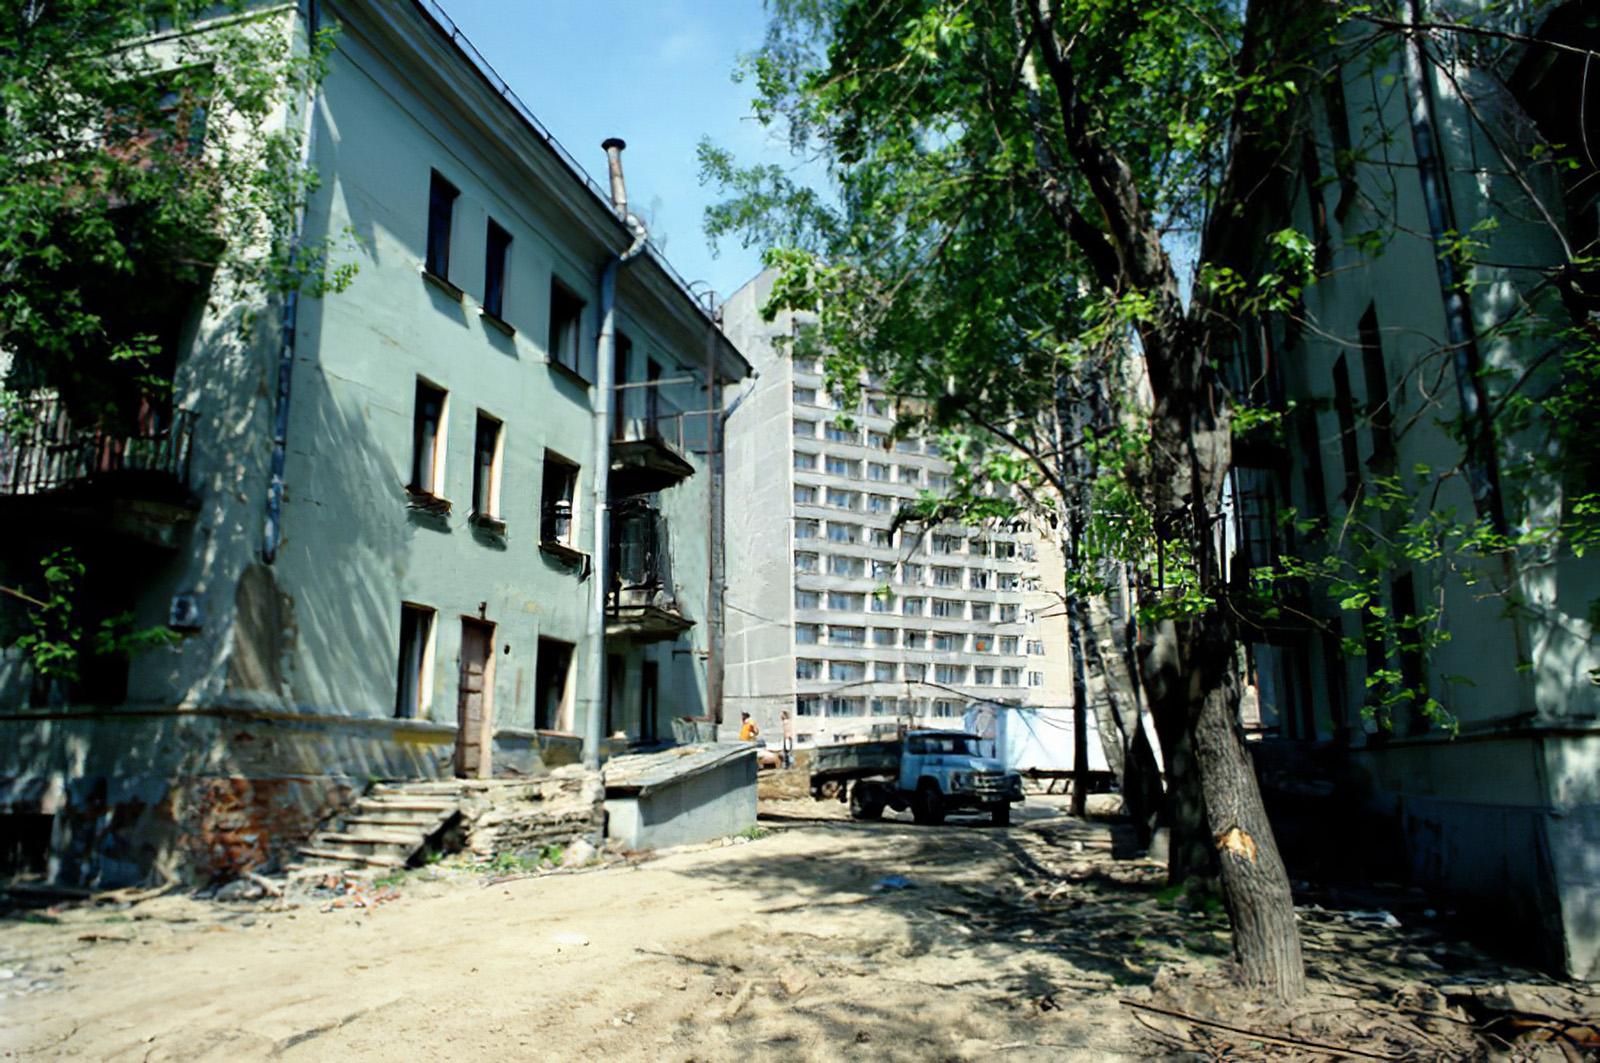 1996, 12 мая,  Жилищное строительство в районе Очаково. Пахомова Людмила. Фотохроника ТАСС2_cmpk